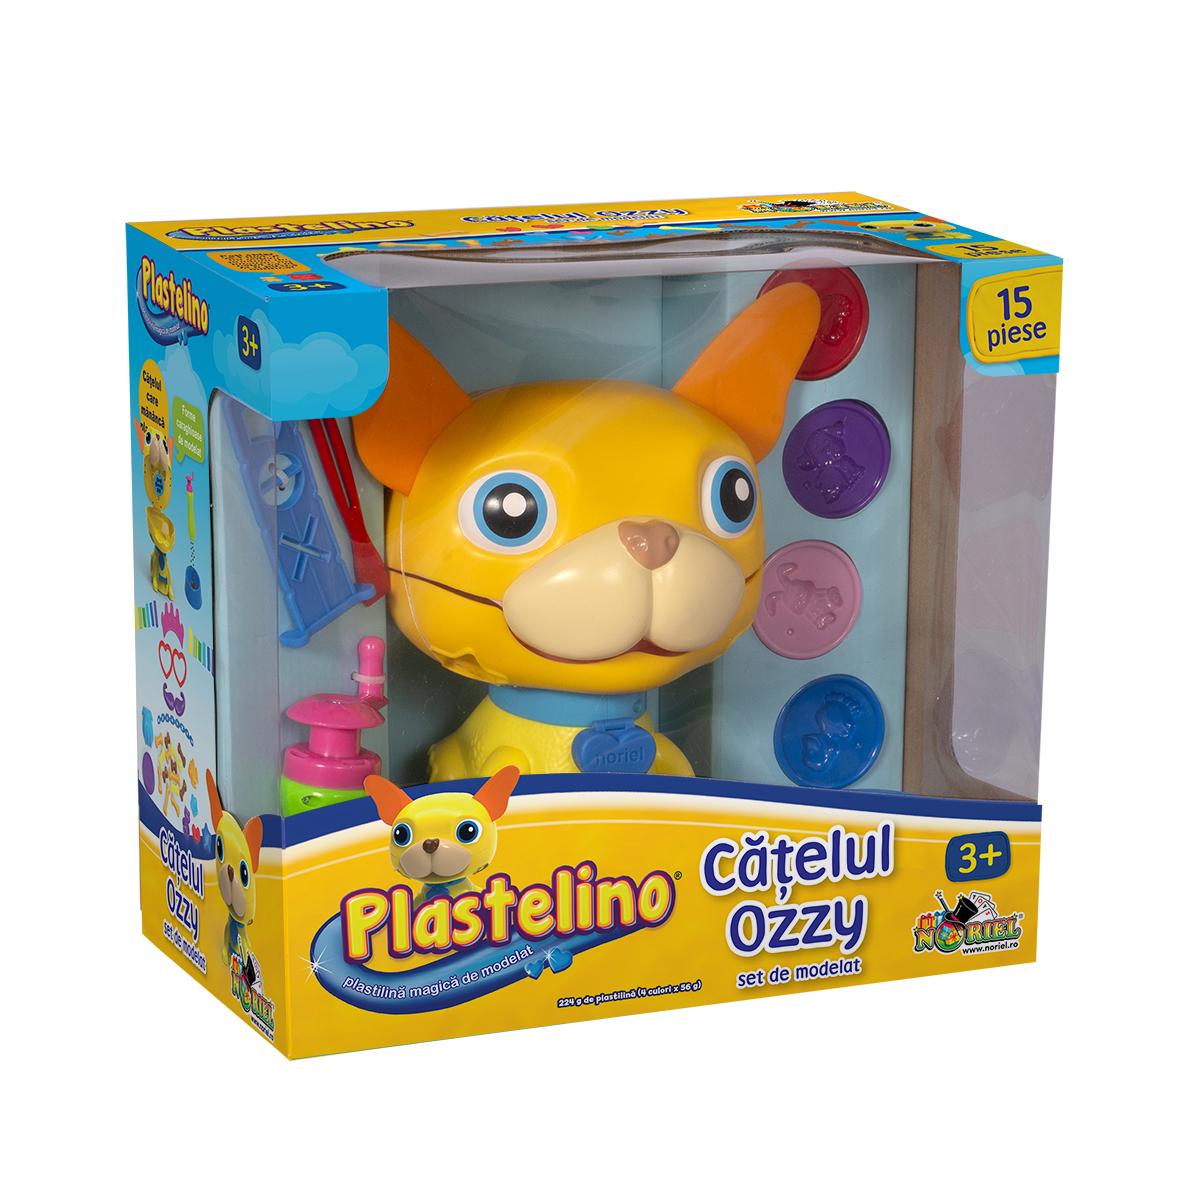 Set de joaca Plastelino - Catelul Ozzy cu plastilina